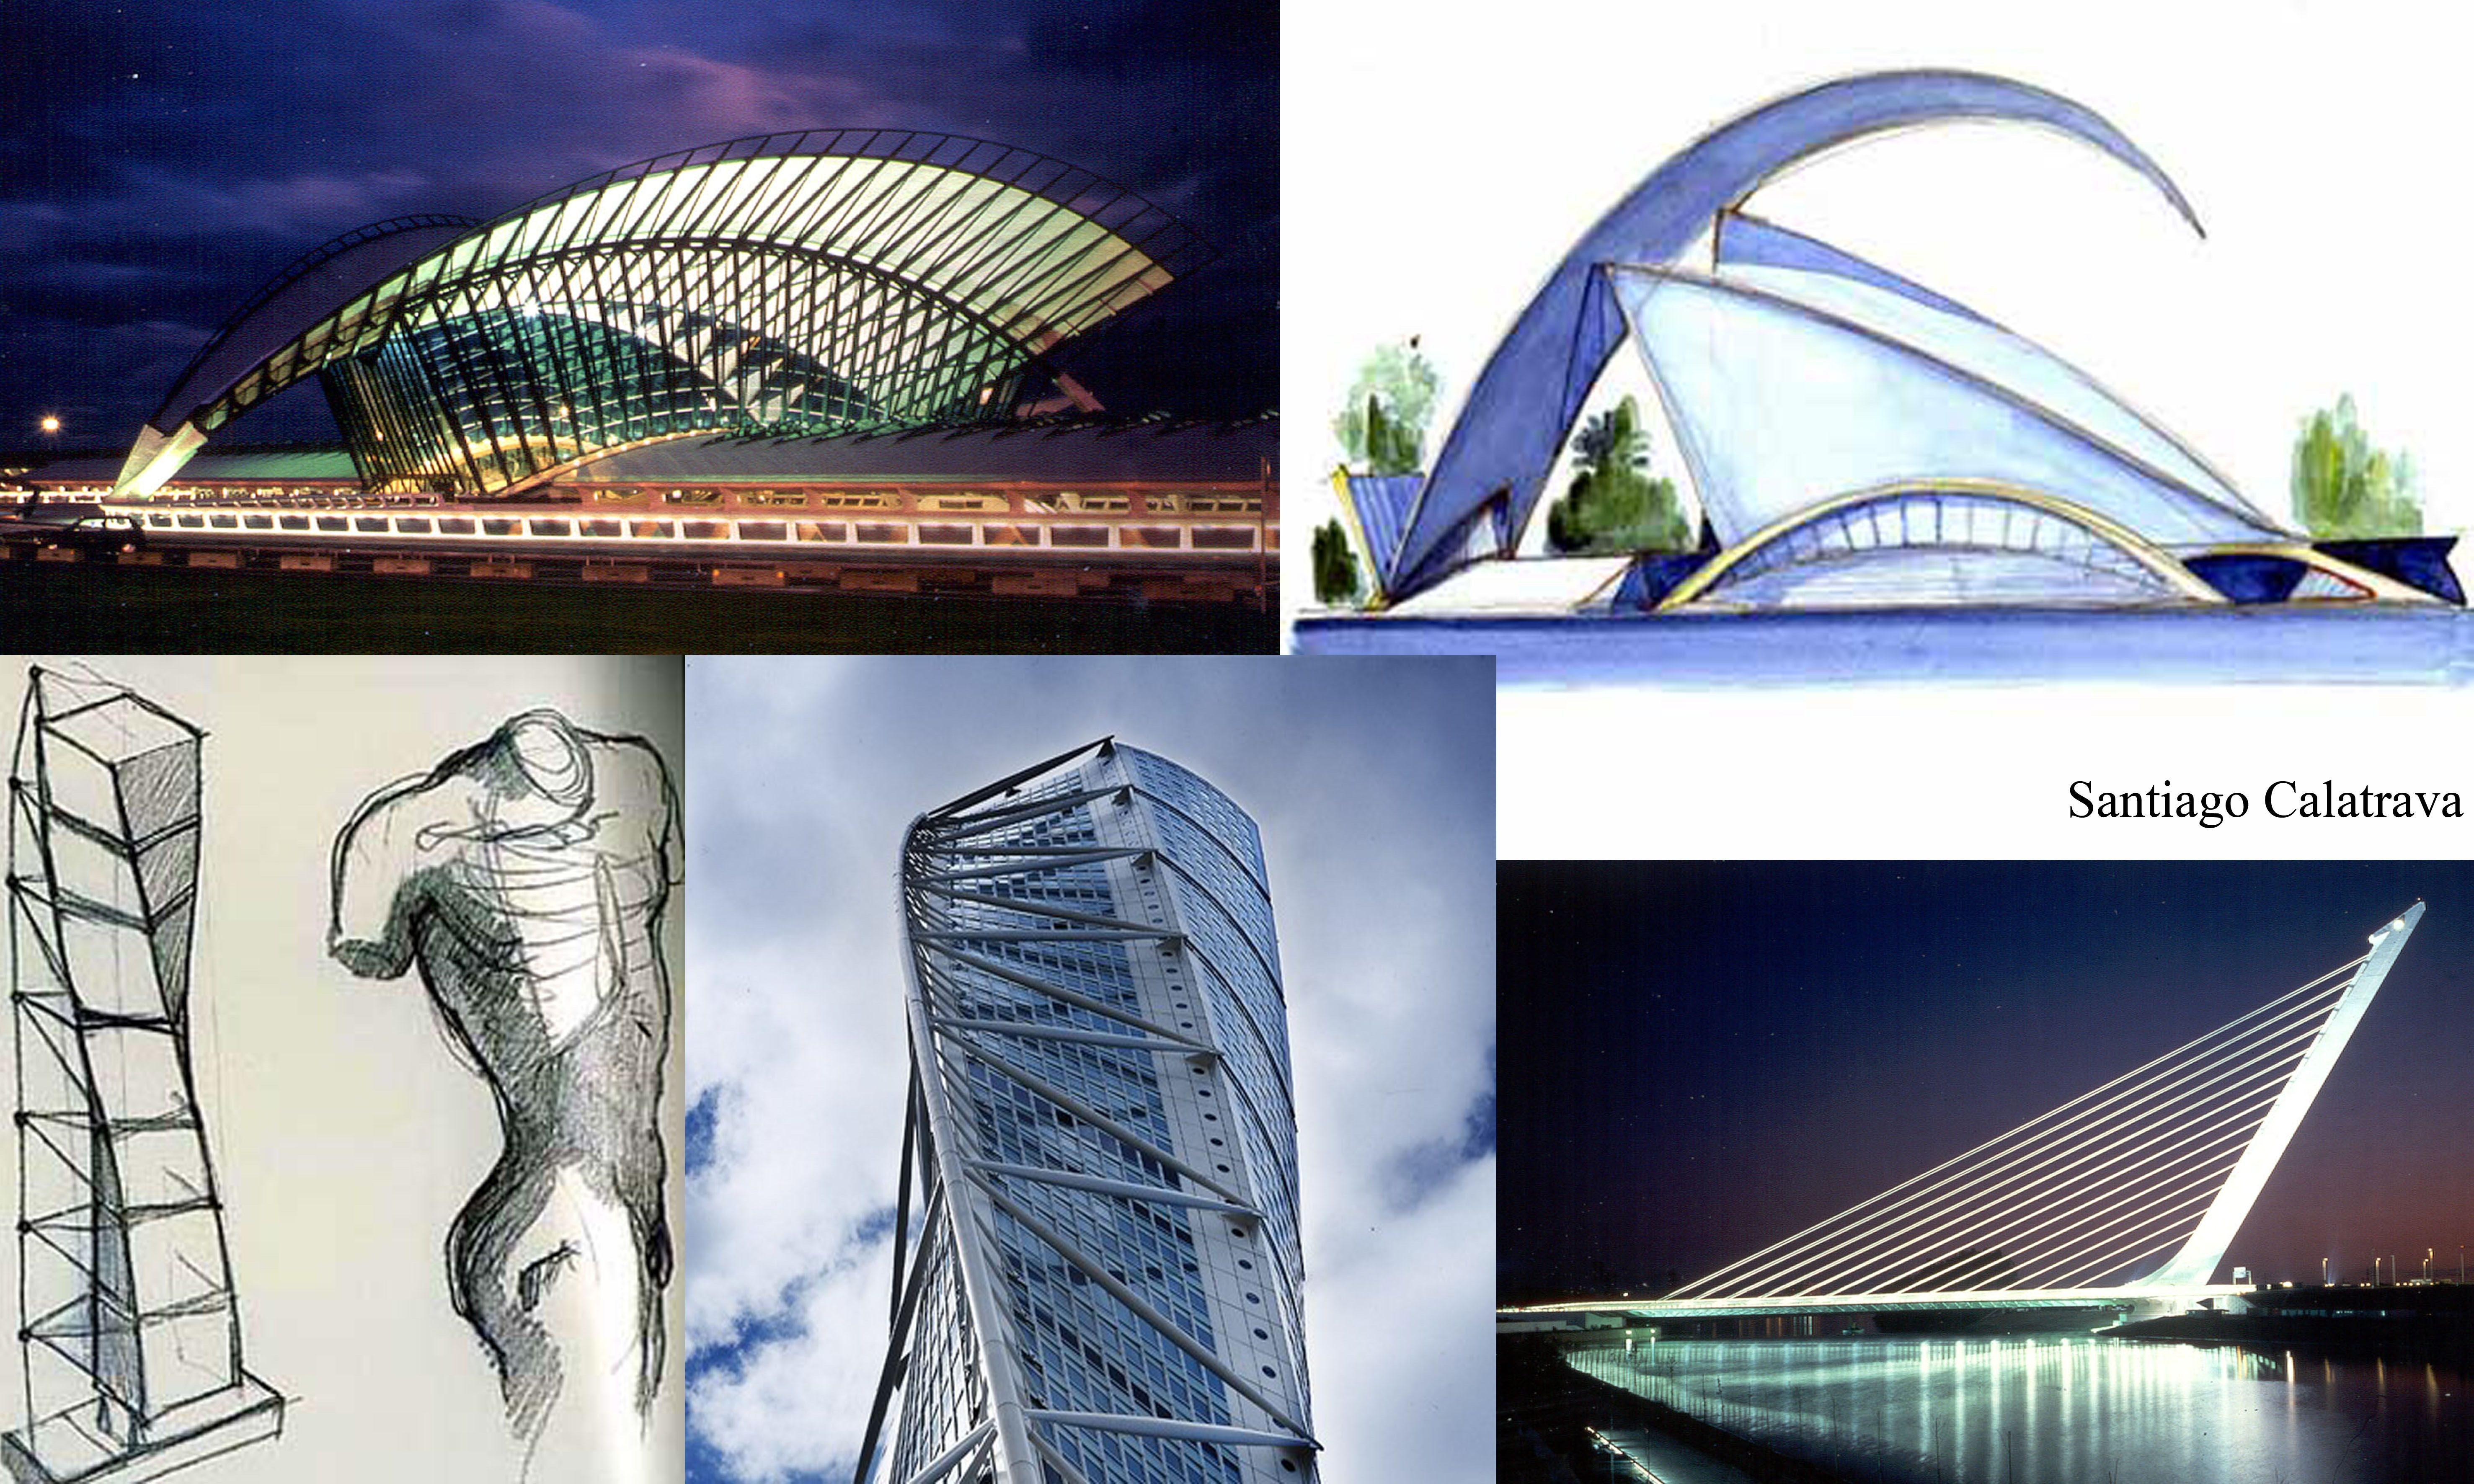 сторонние программы бионика в архитектуре фото и описание располагаются санях спине